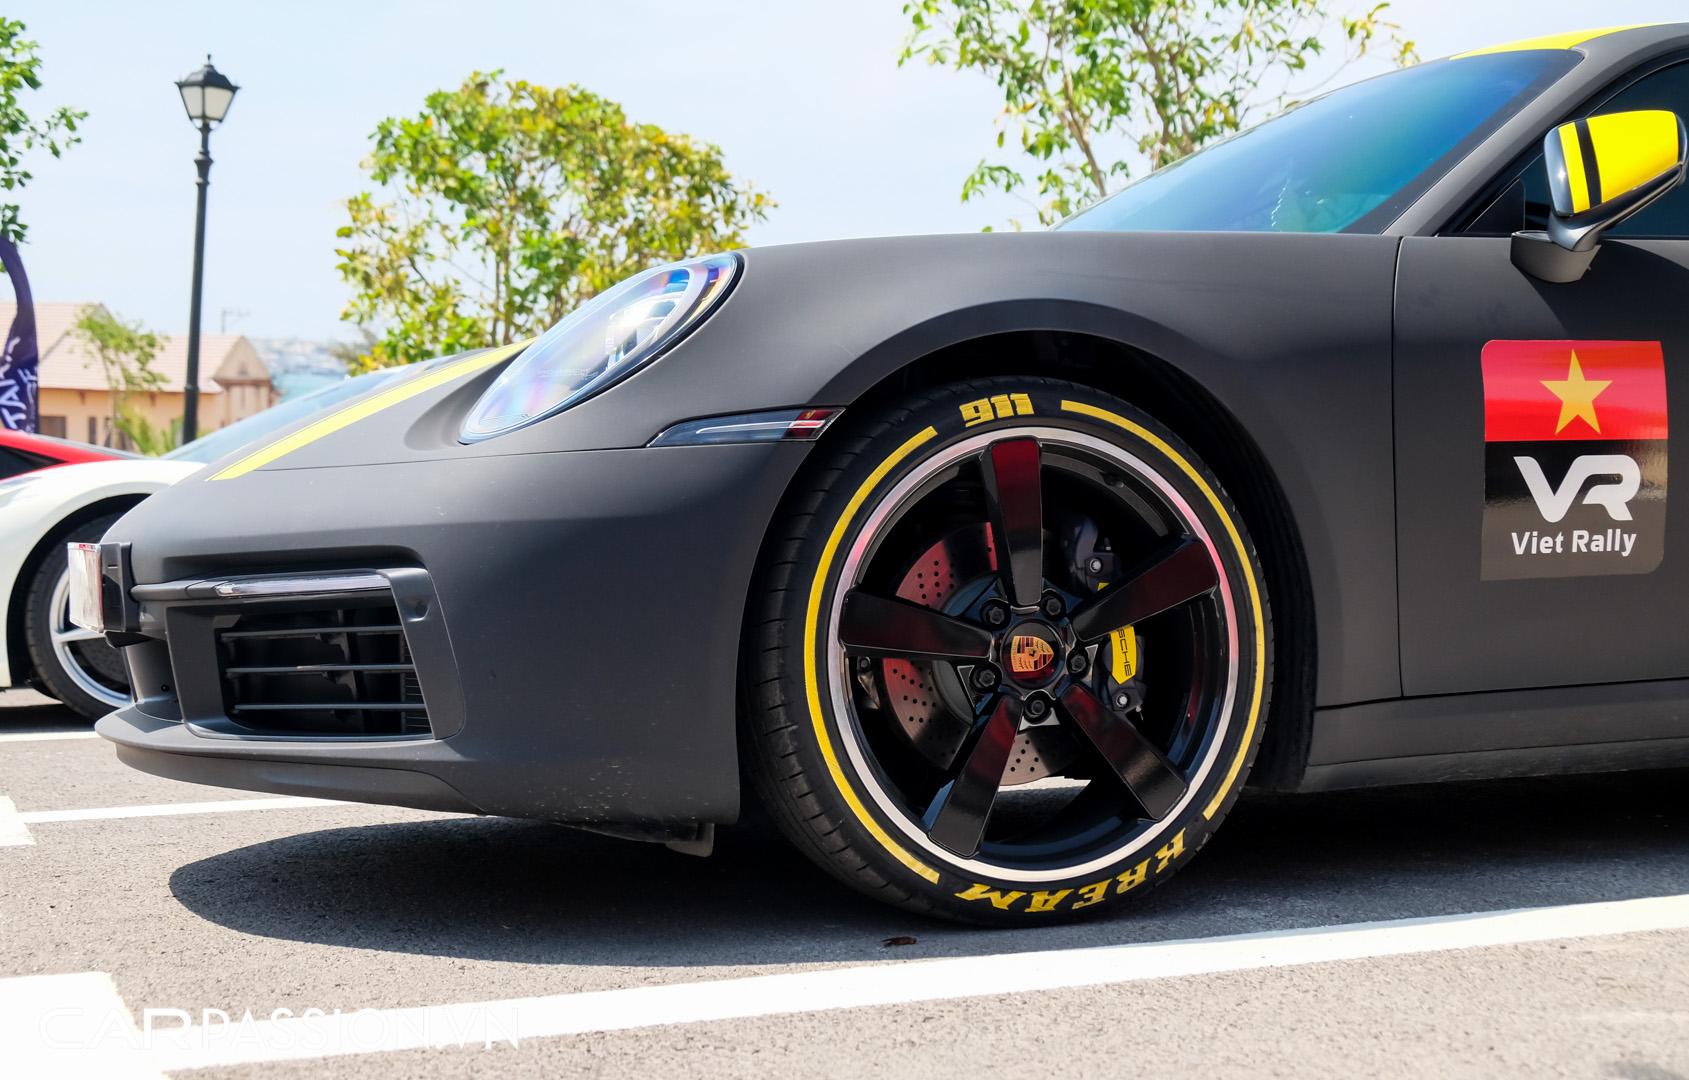 Porsche 911 của vợ chồng YouTuber (4).JPG